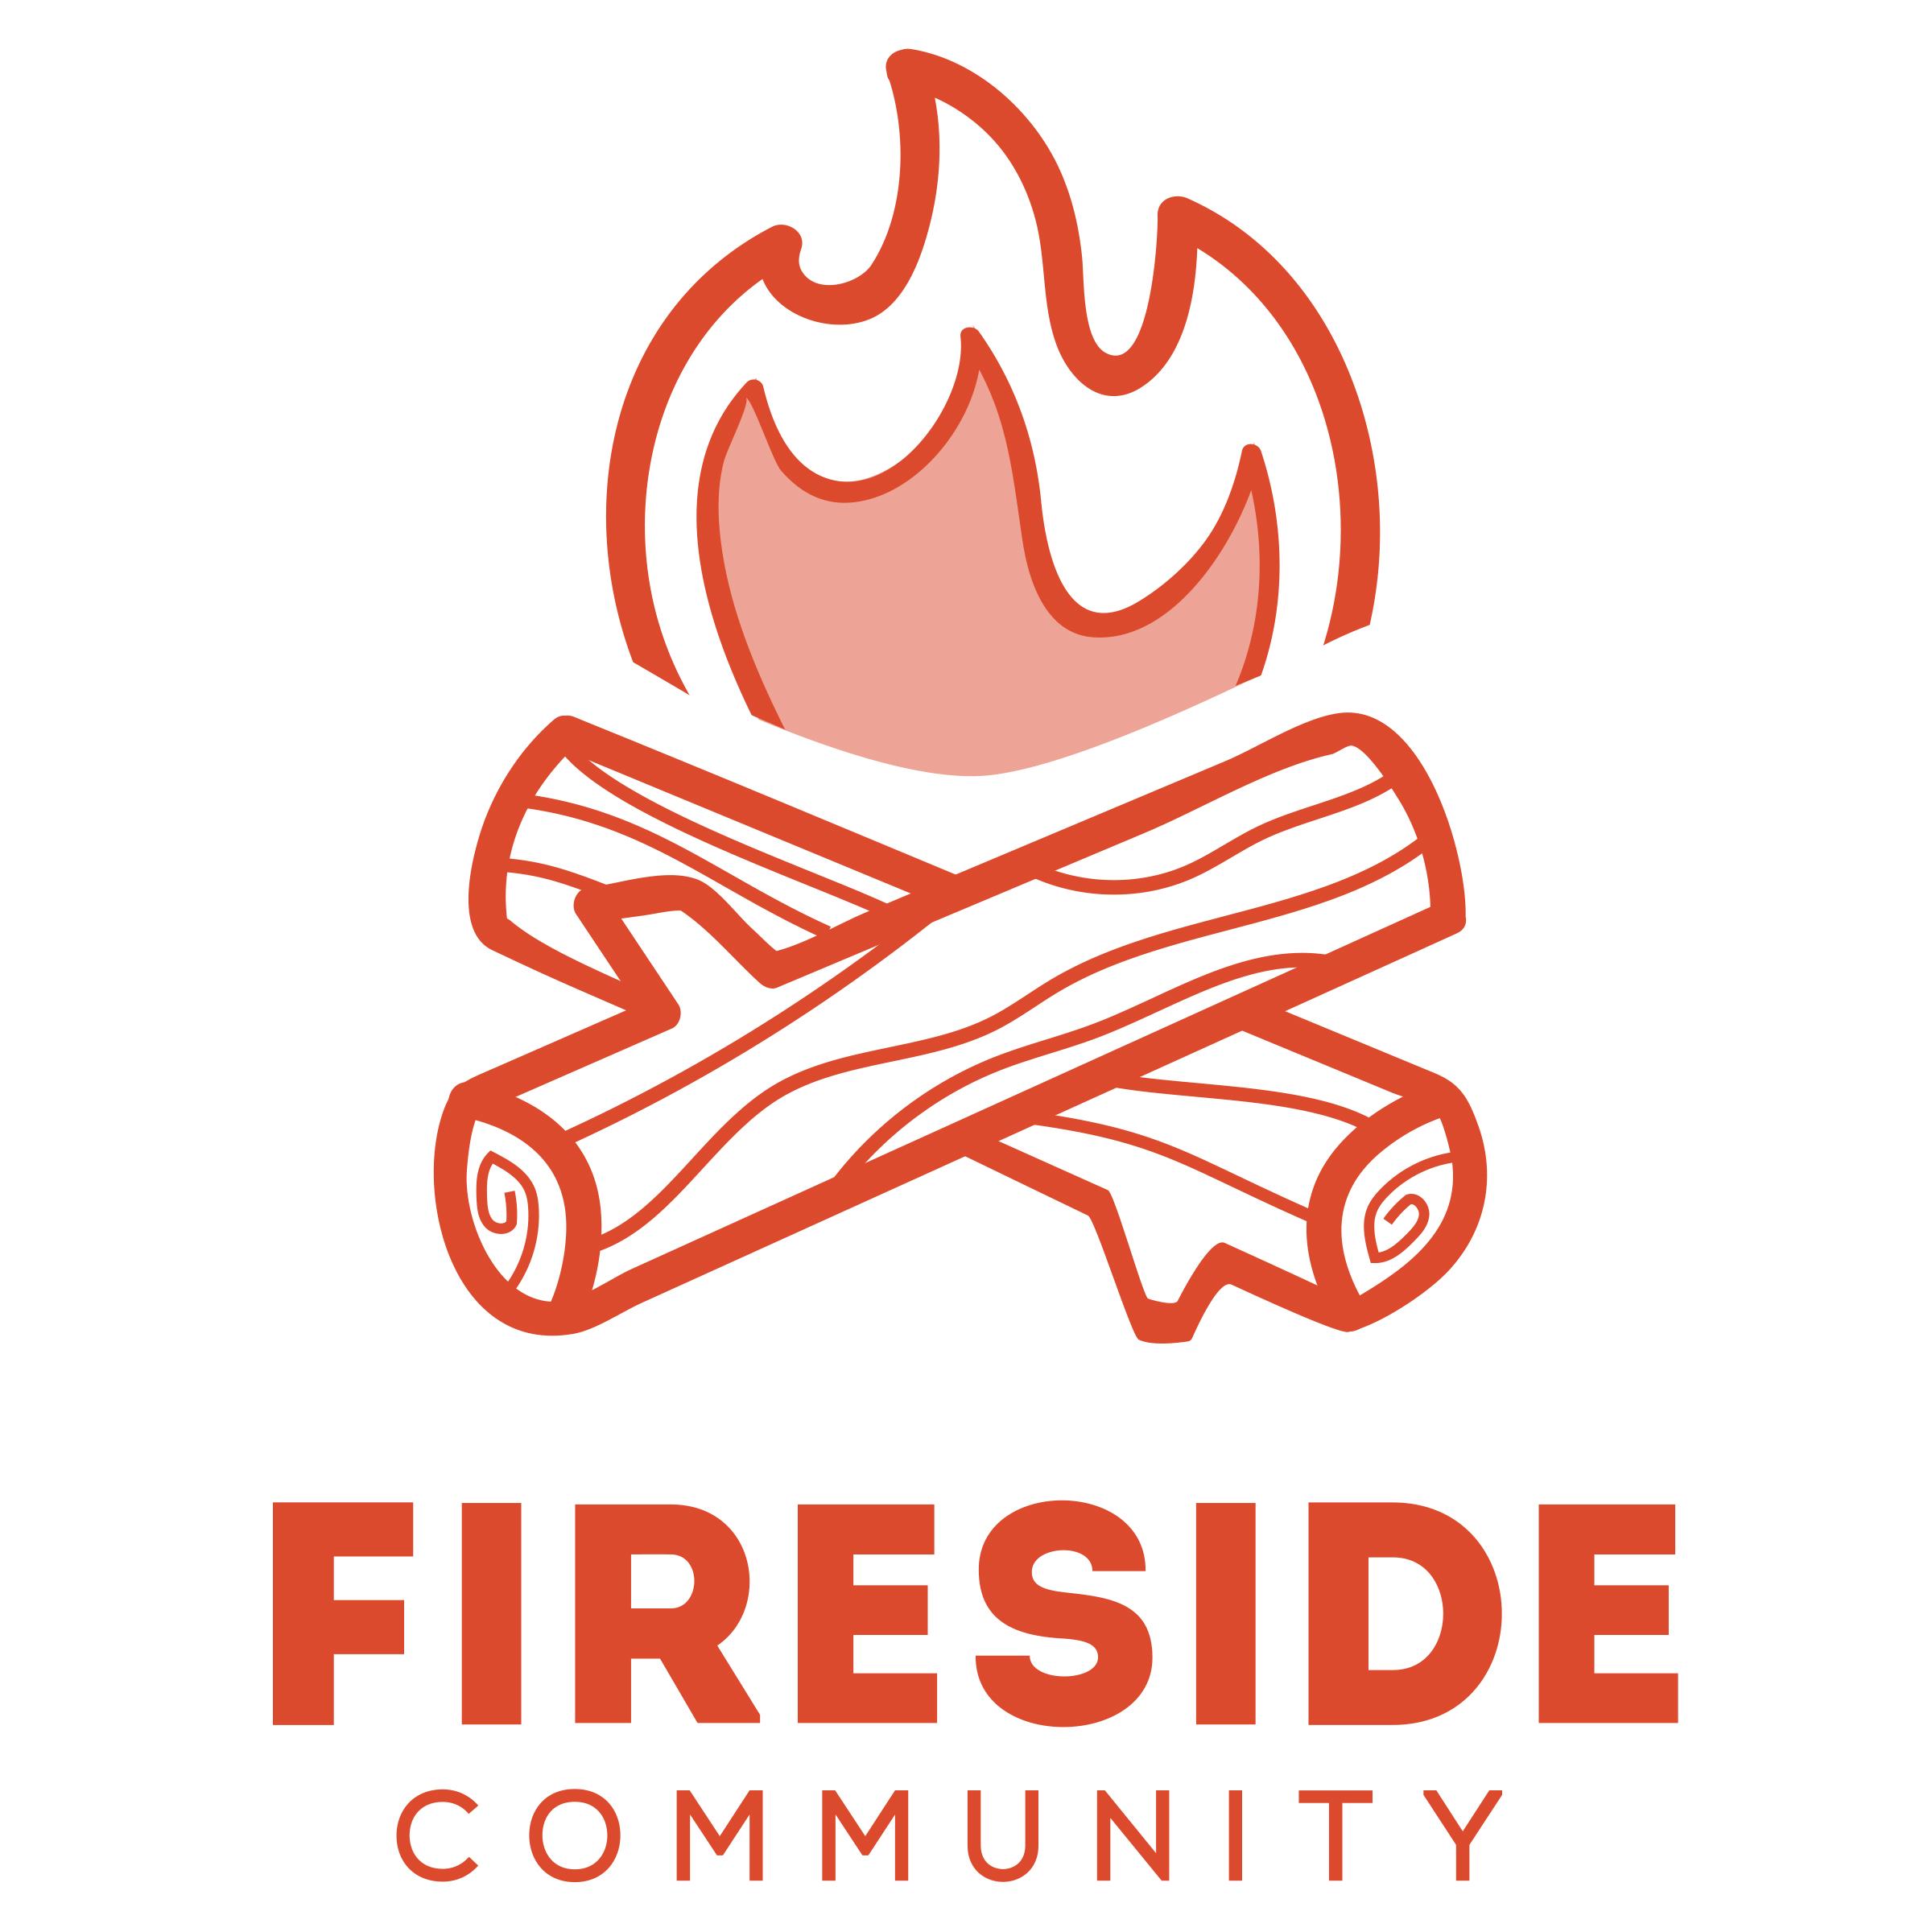 Fireside community logo